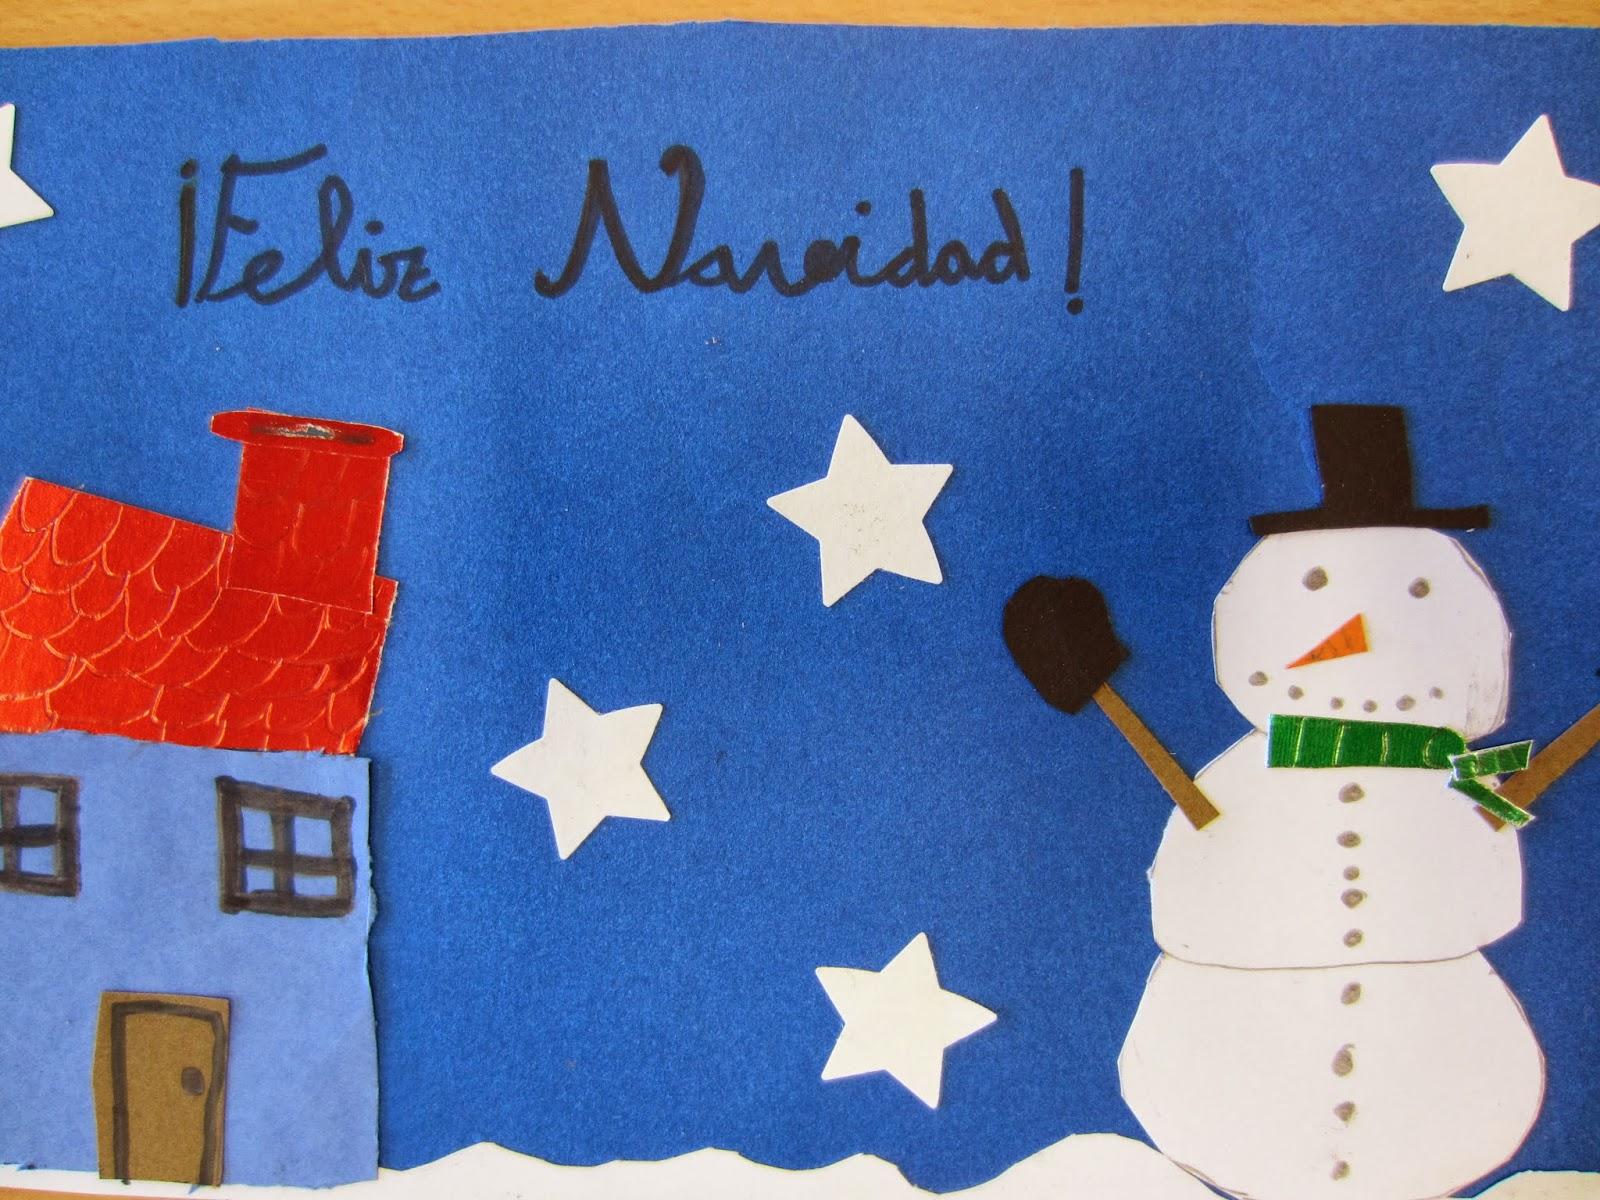 Blog de 4 a postales de navidad for Tarjetas de navidad hechas por ninos